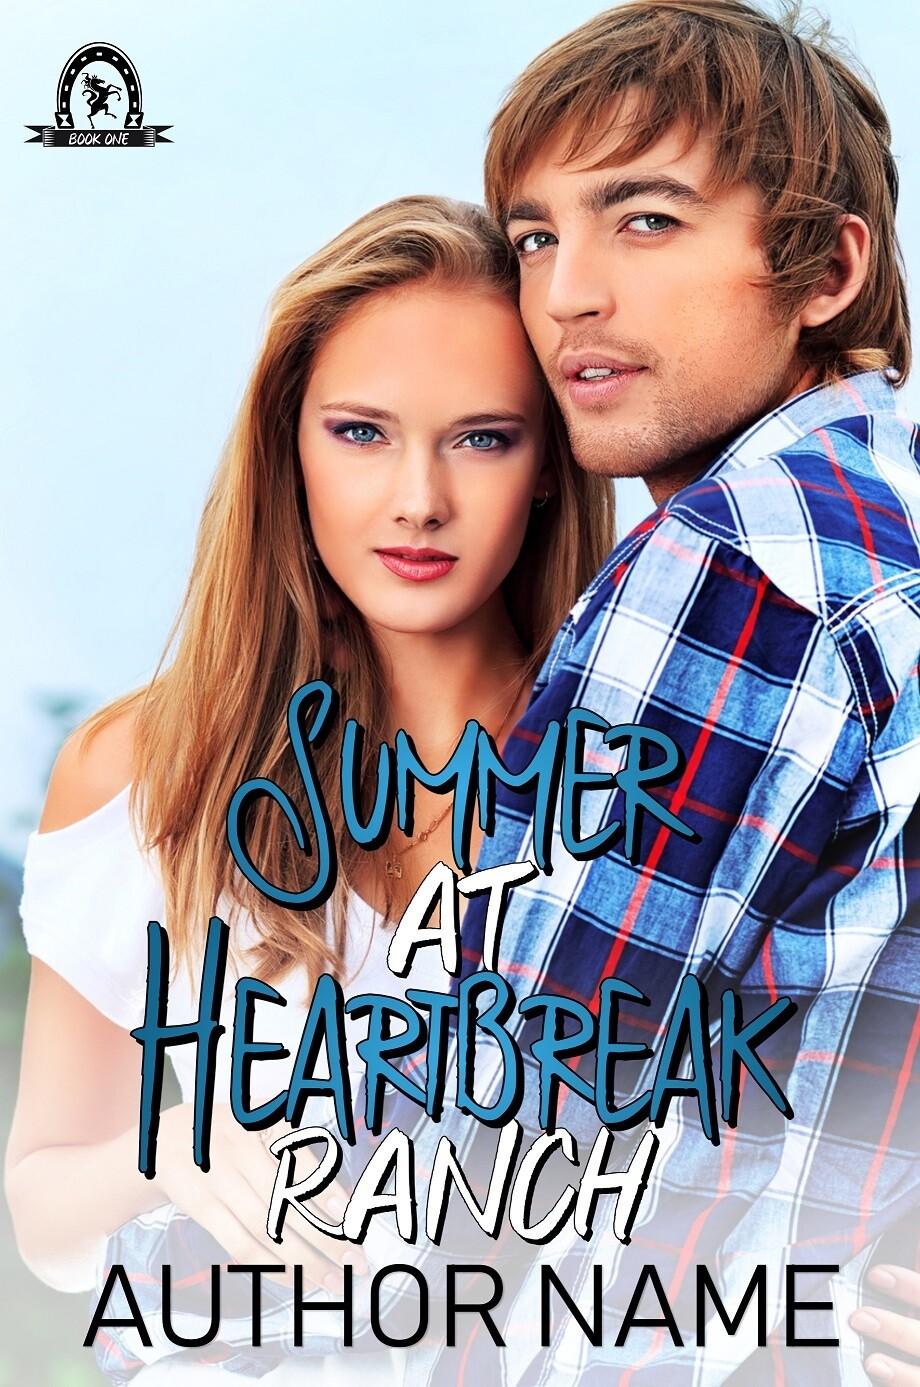 Summer At Heartbreak Ranch